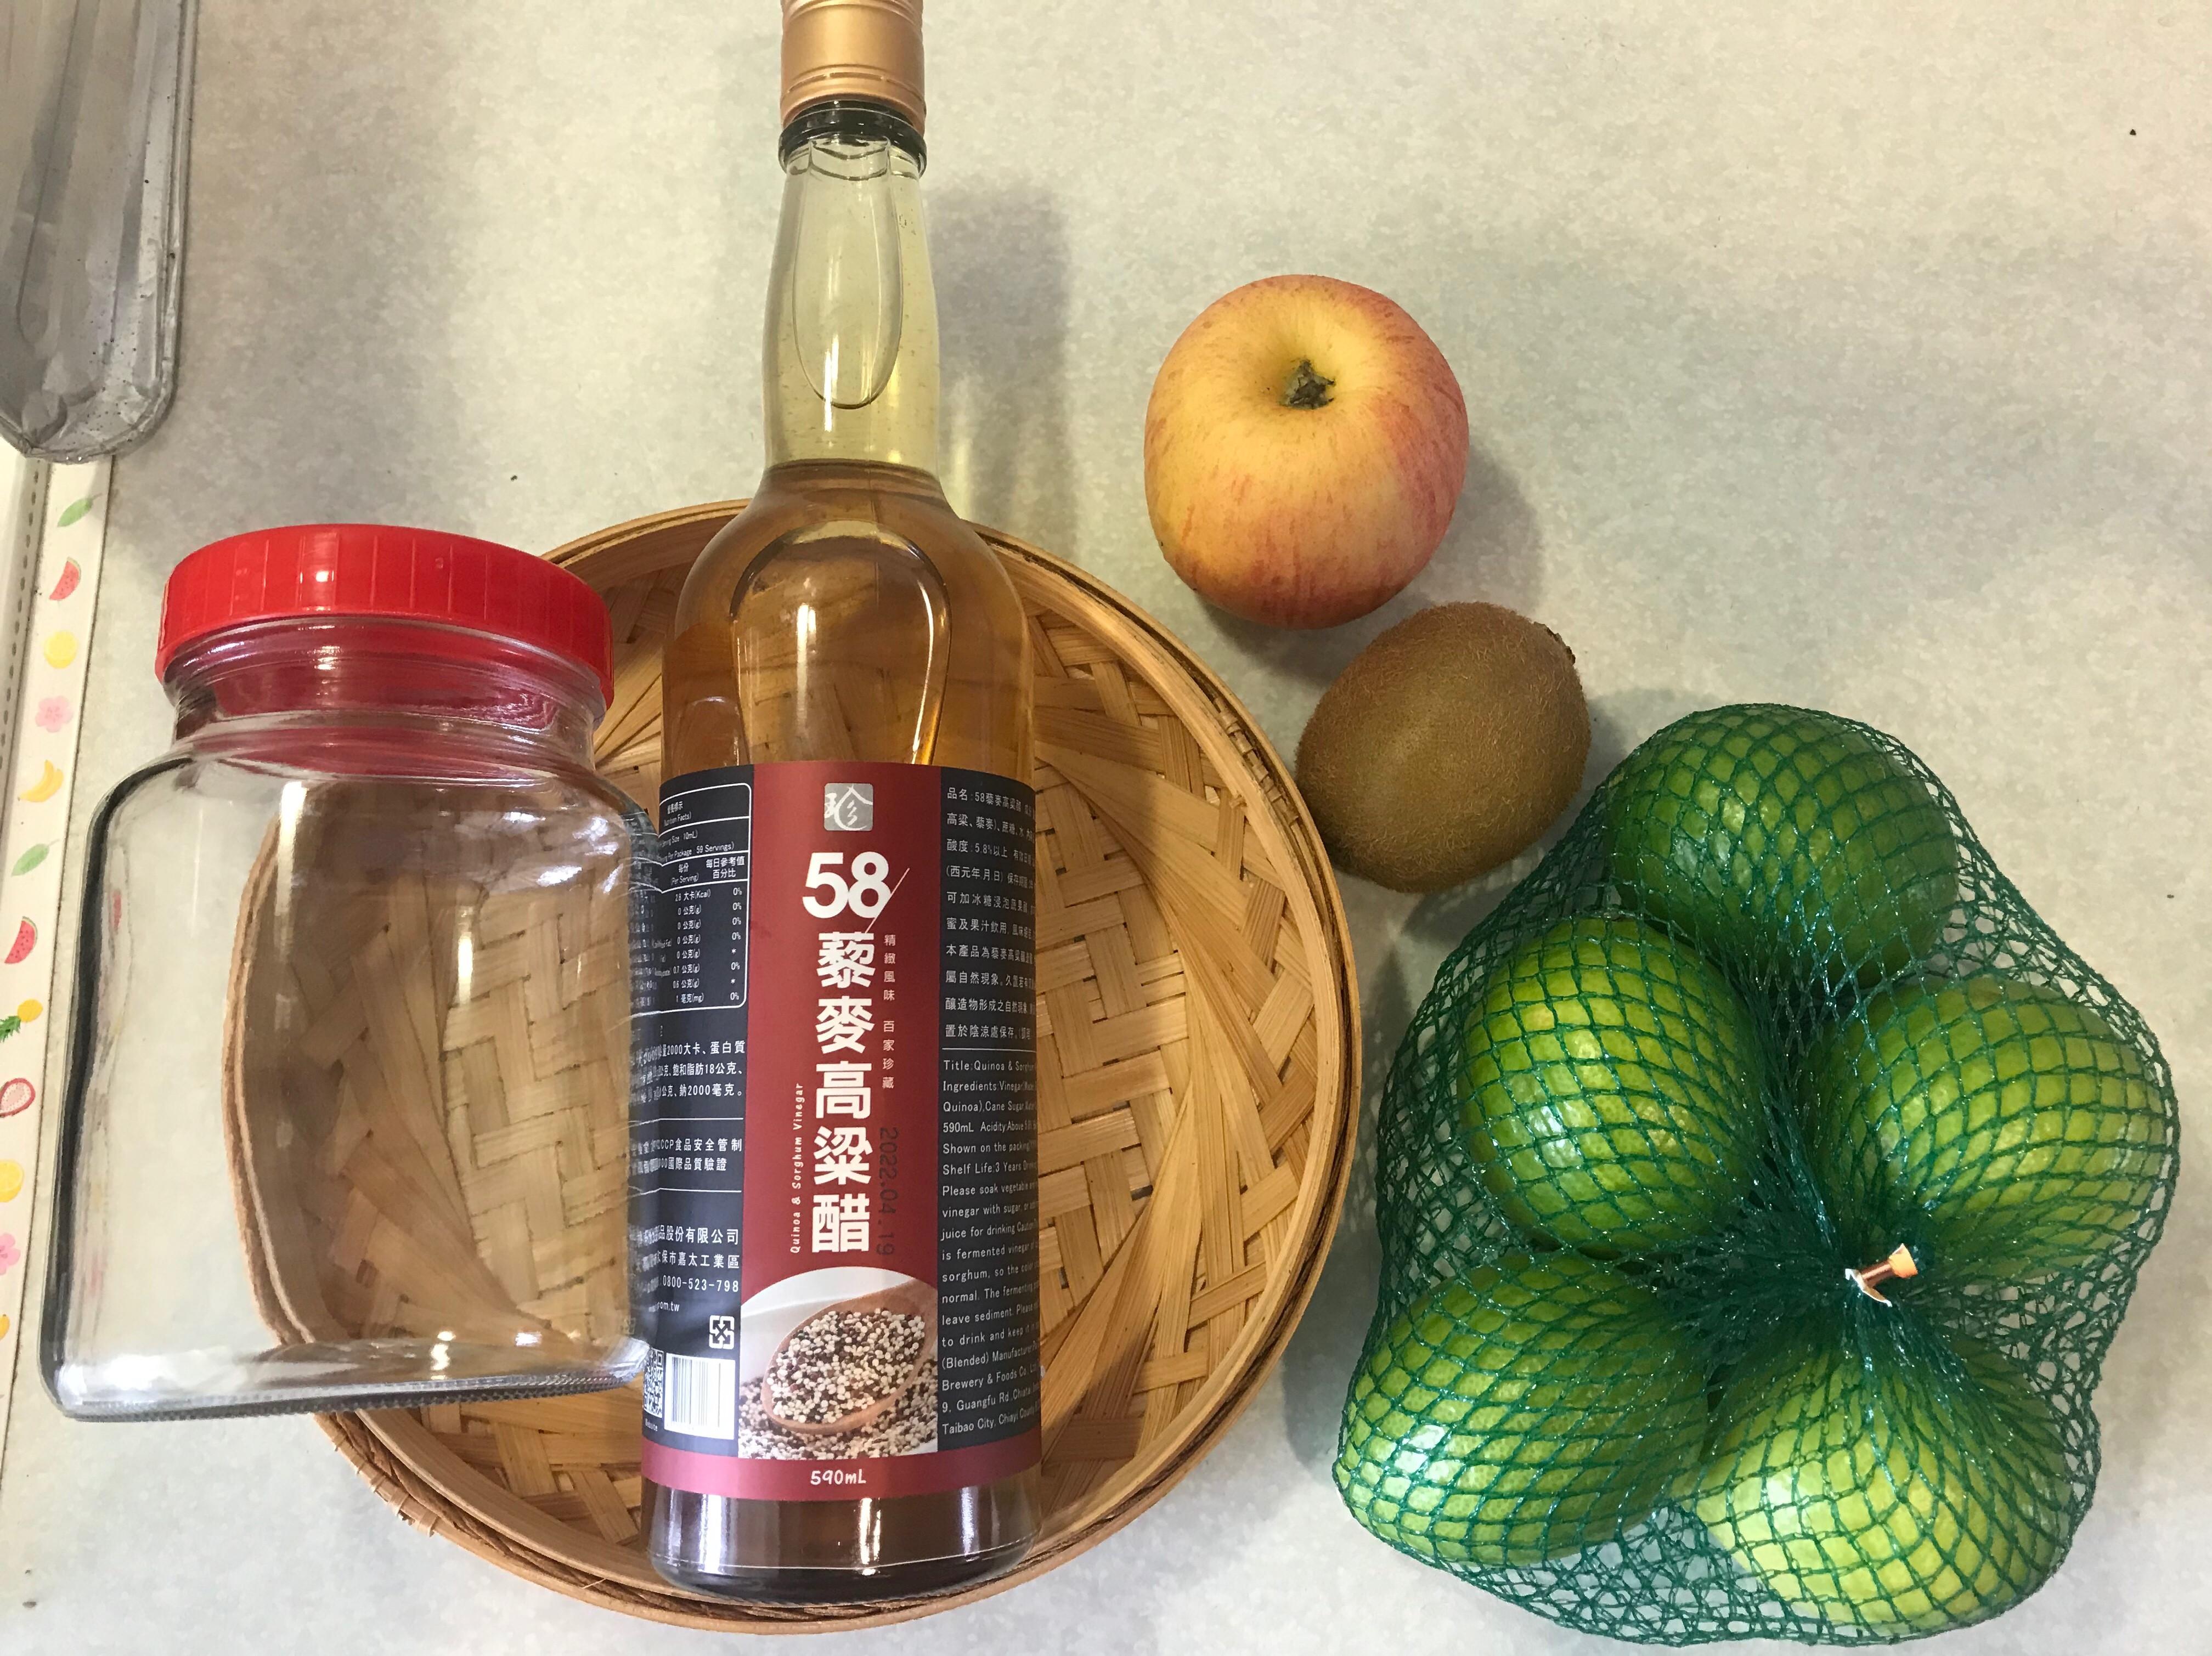 醋泡檸檬[58藜麥高粱醋]